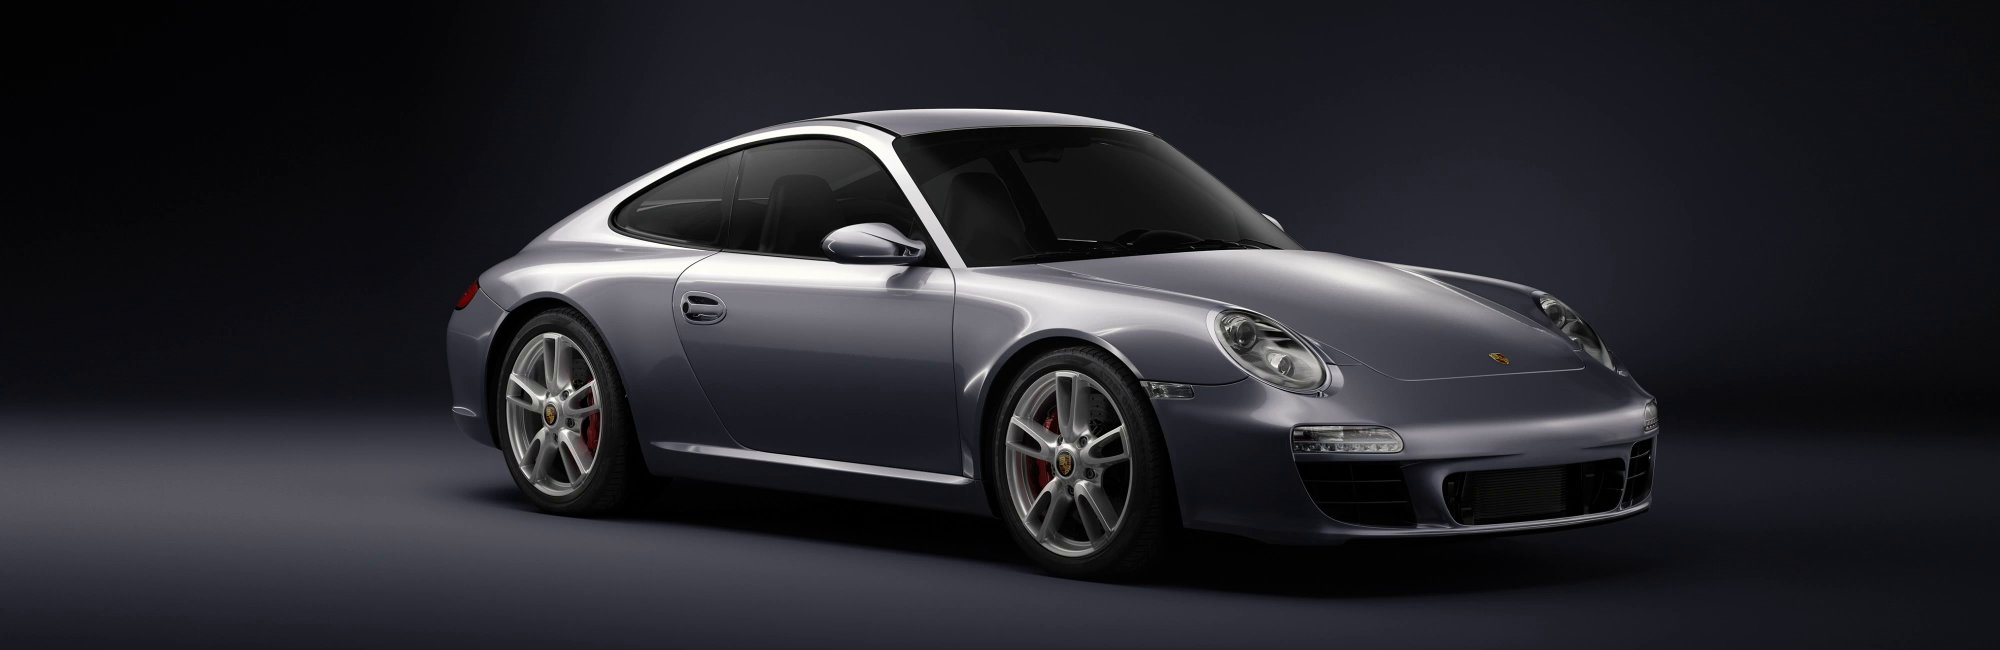 Vente de pièces neuves pour toutes Porsche : 356, 911, 912, 914, 924, 928, 944, 964, 965, 993, 968, 928, Boxster, Cayman, 996, 997, 991, Turbo, GT2, GT3, RS, Cayenne, Panamera